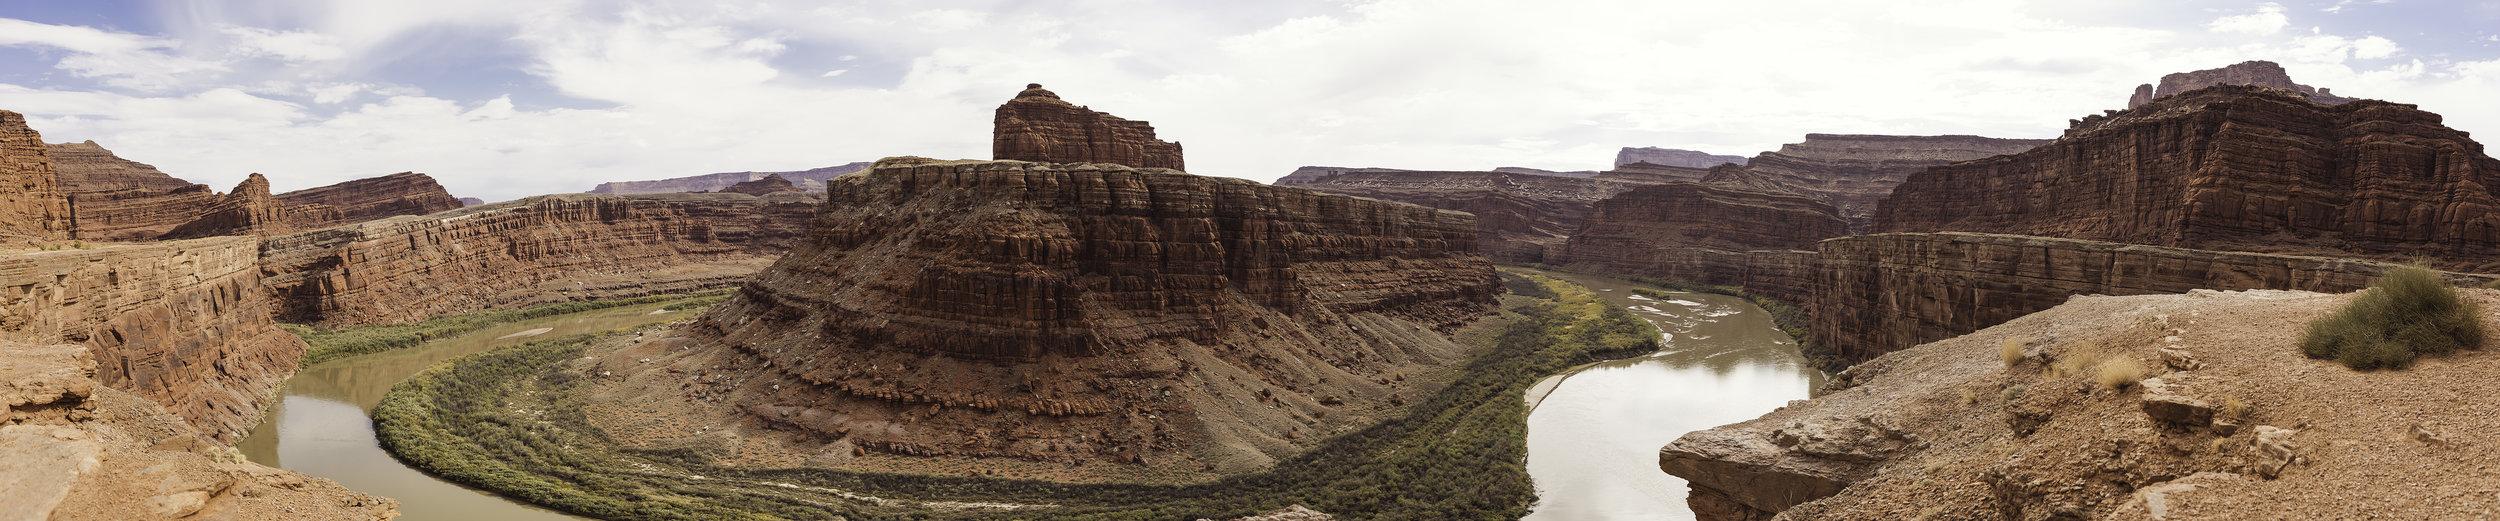 Moab, UT-1108-Pano.jpg